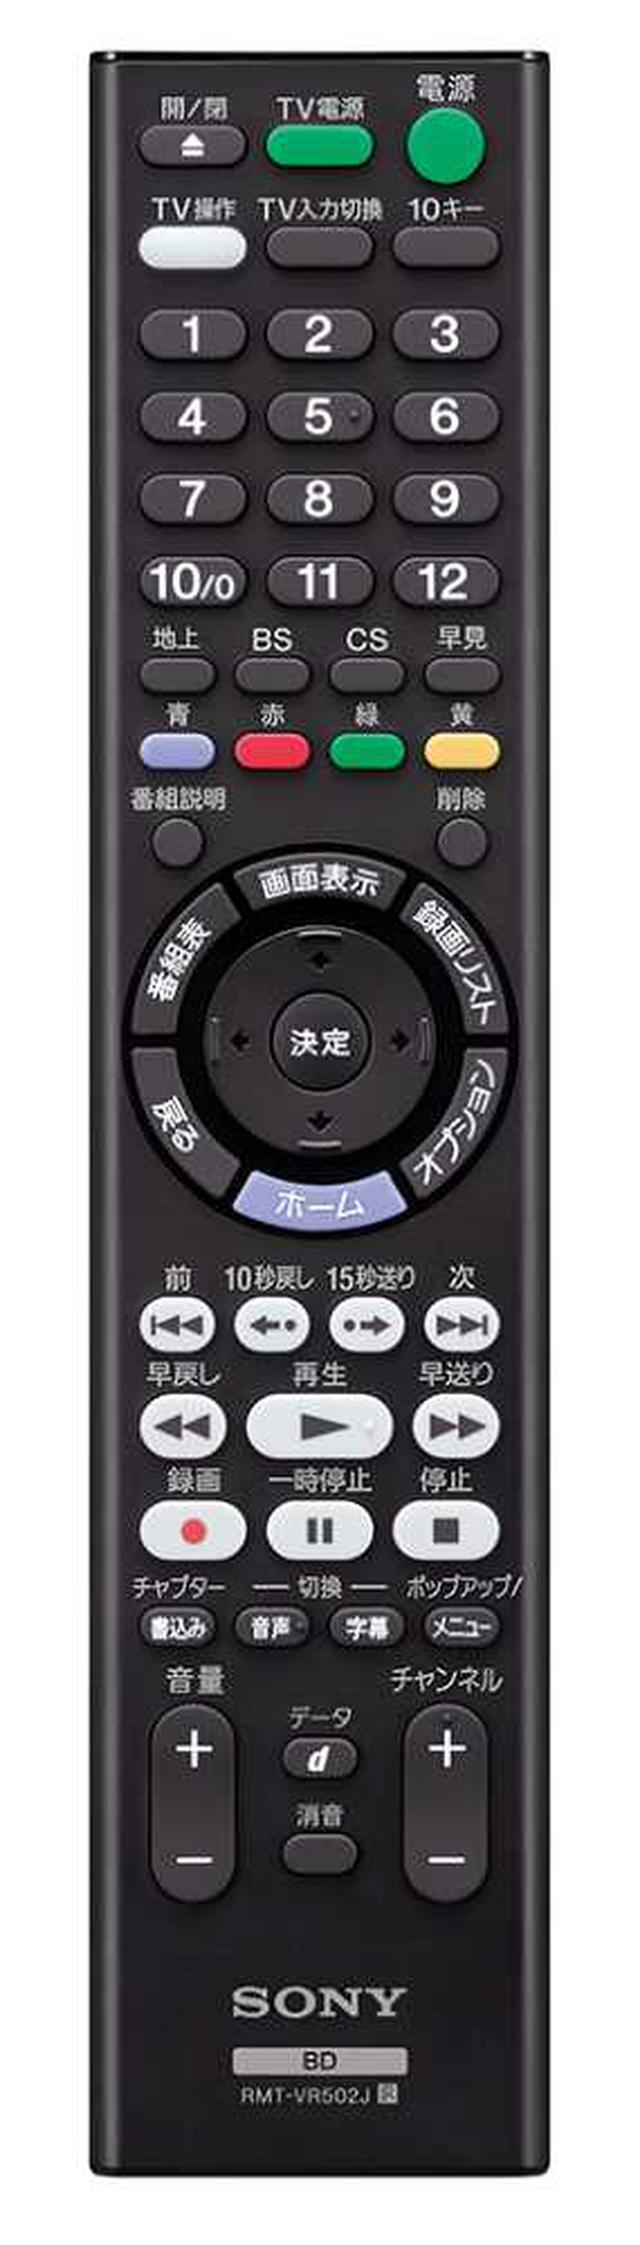 画像: FBシリーズの新リモコン。「12」の下に「早見」ボタンが新設された